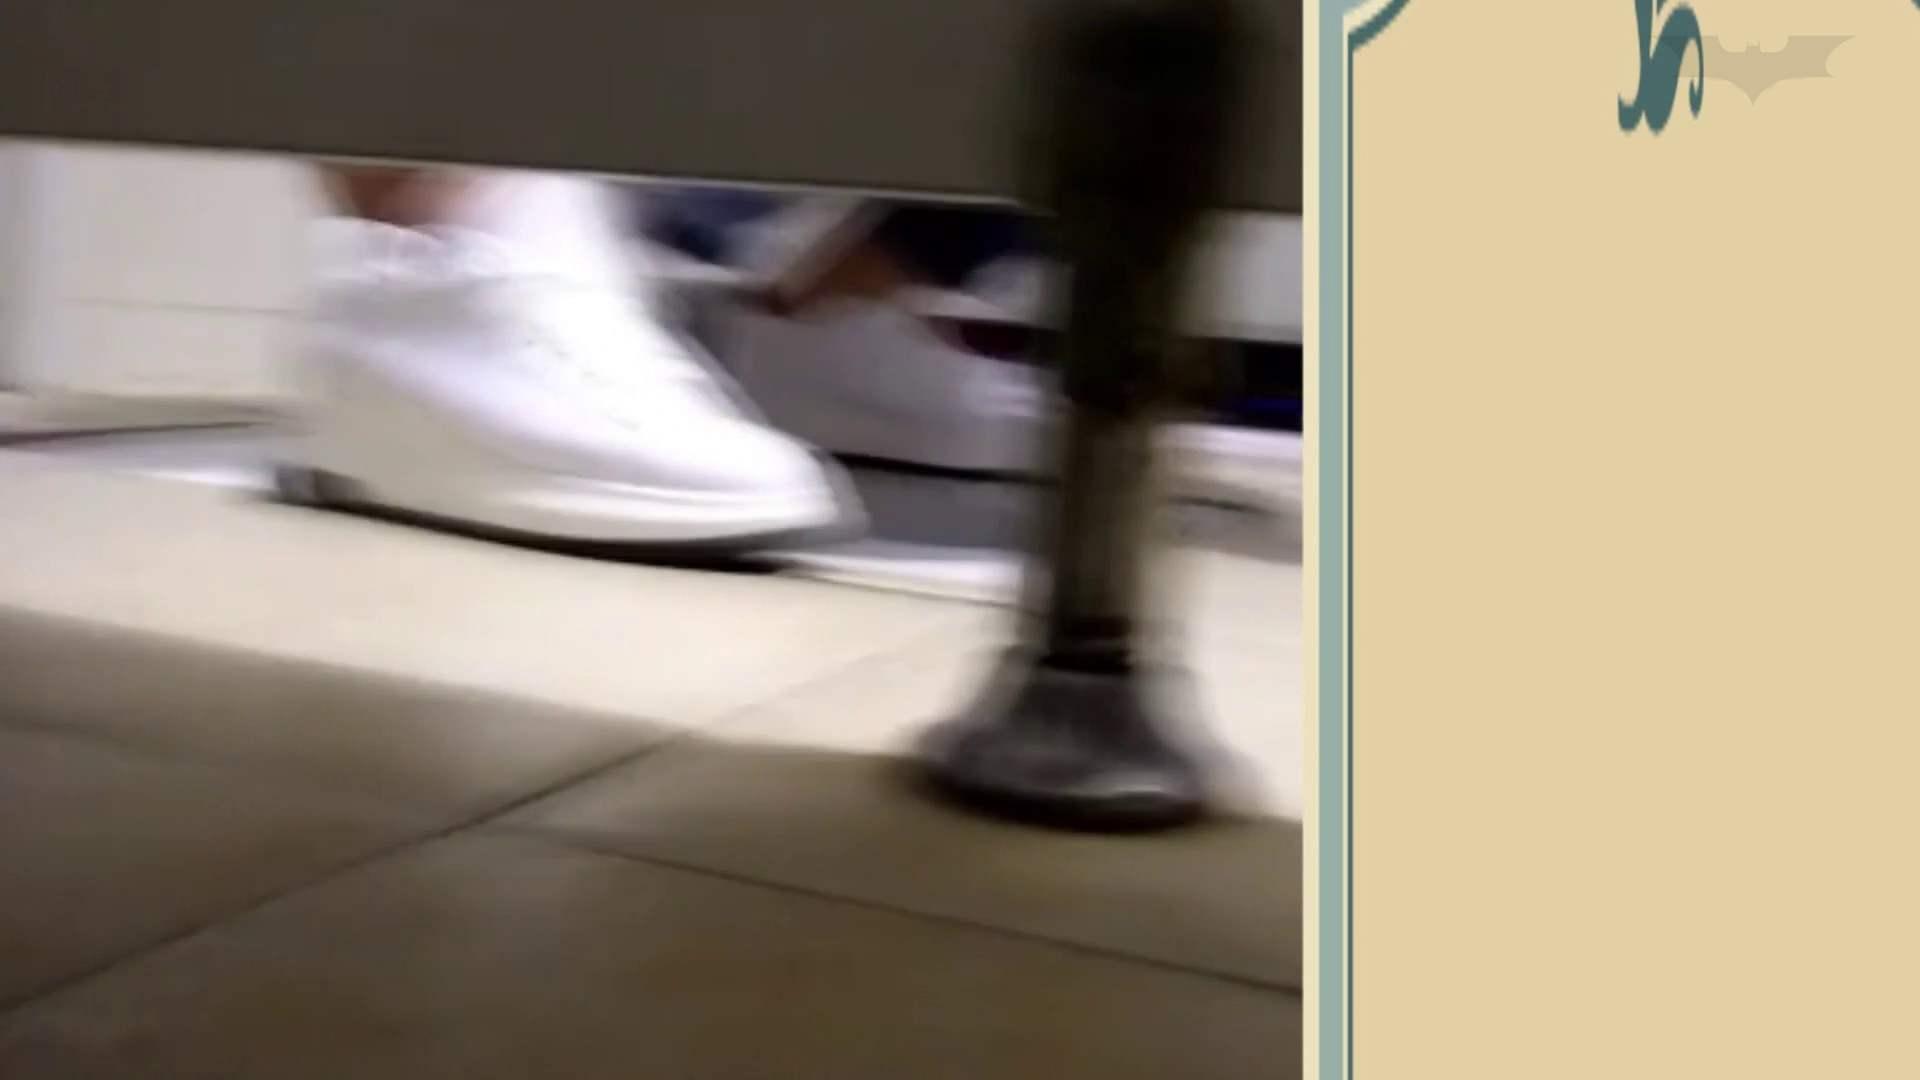 芸術大学ガチ潜入盗撮 JD盗撮 美女の洗面所の秘密 Vol.104 盗撮  58PIX 15